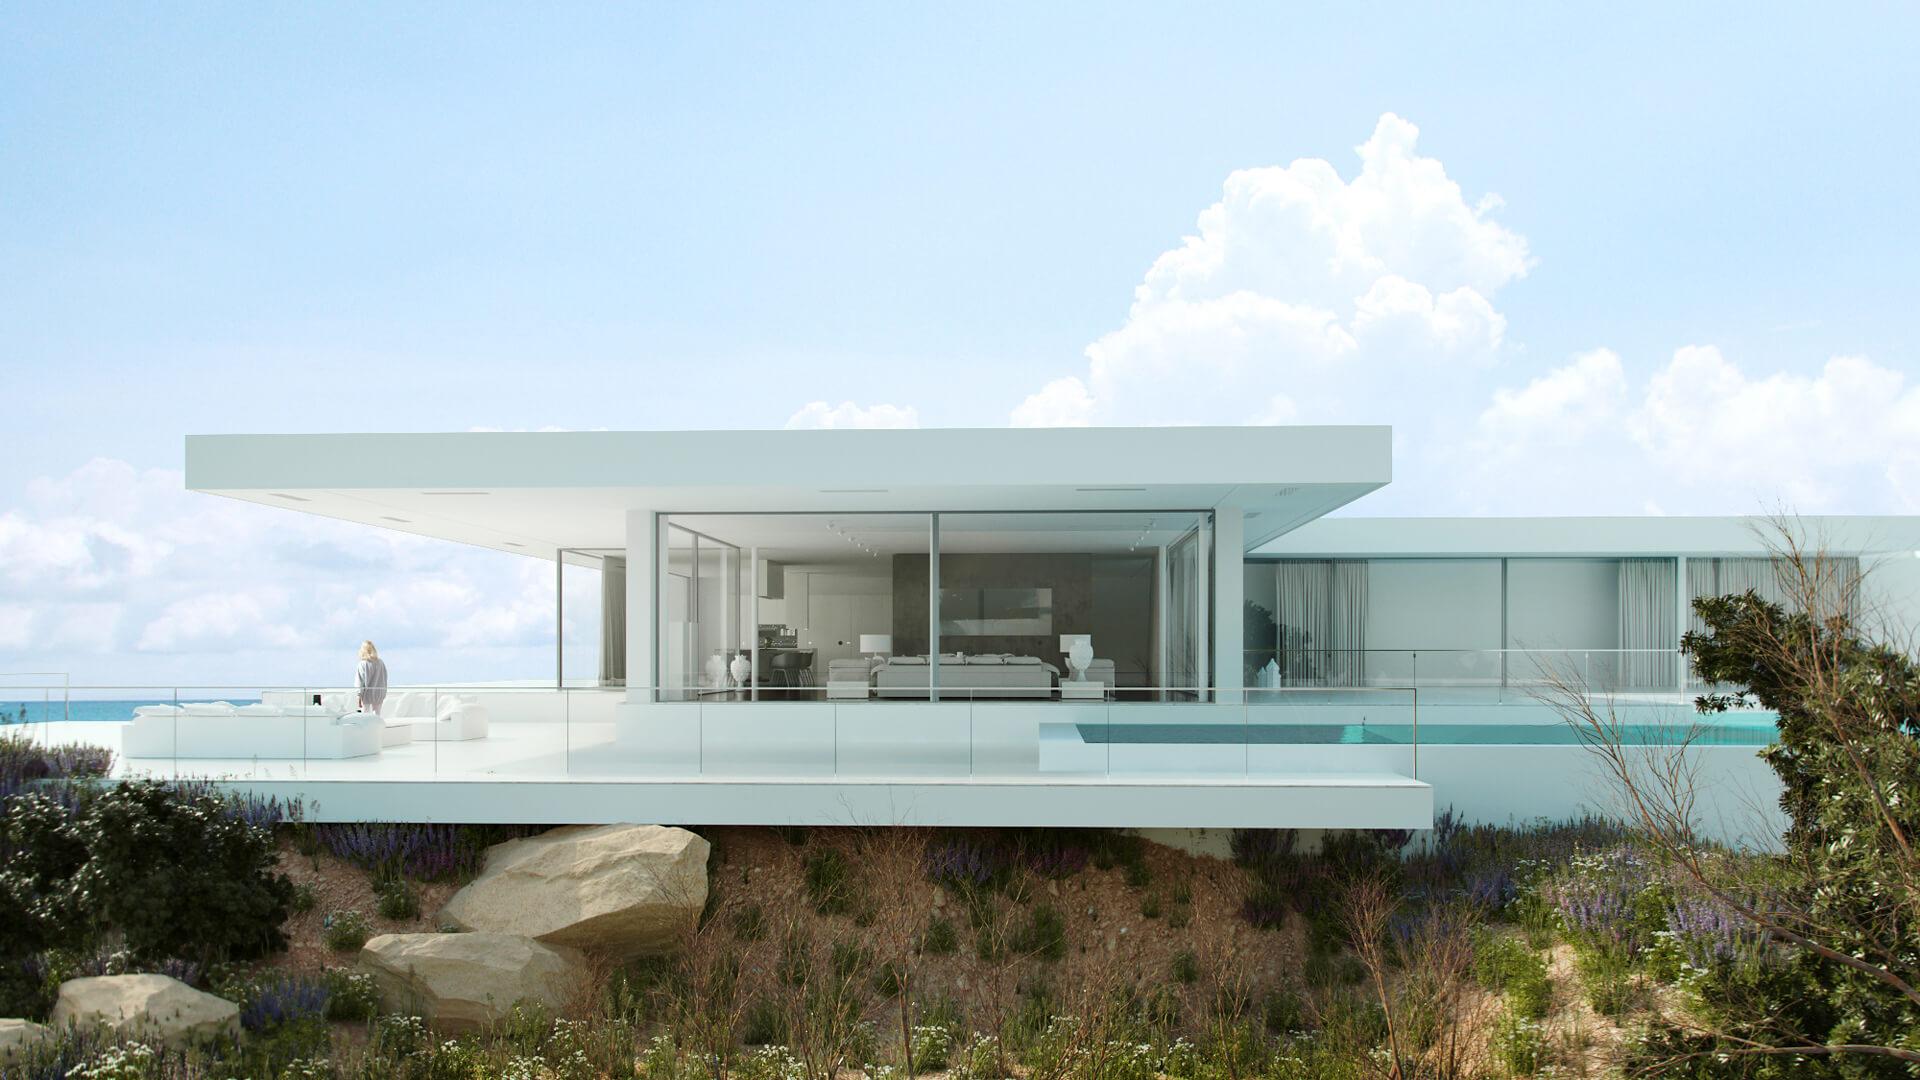 Architekturvisualisierung Render Vision